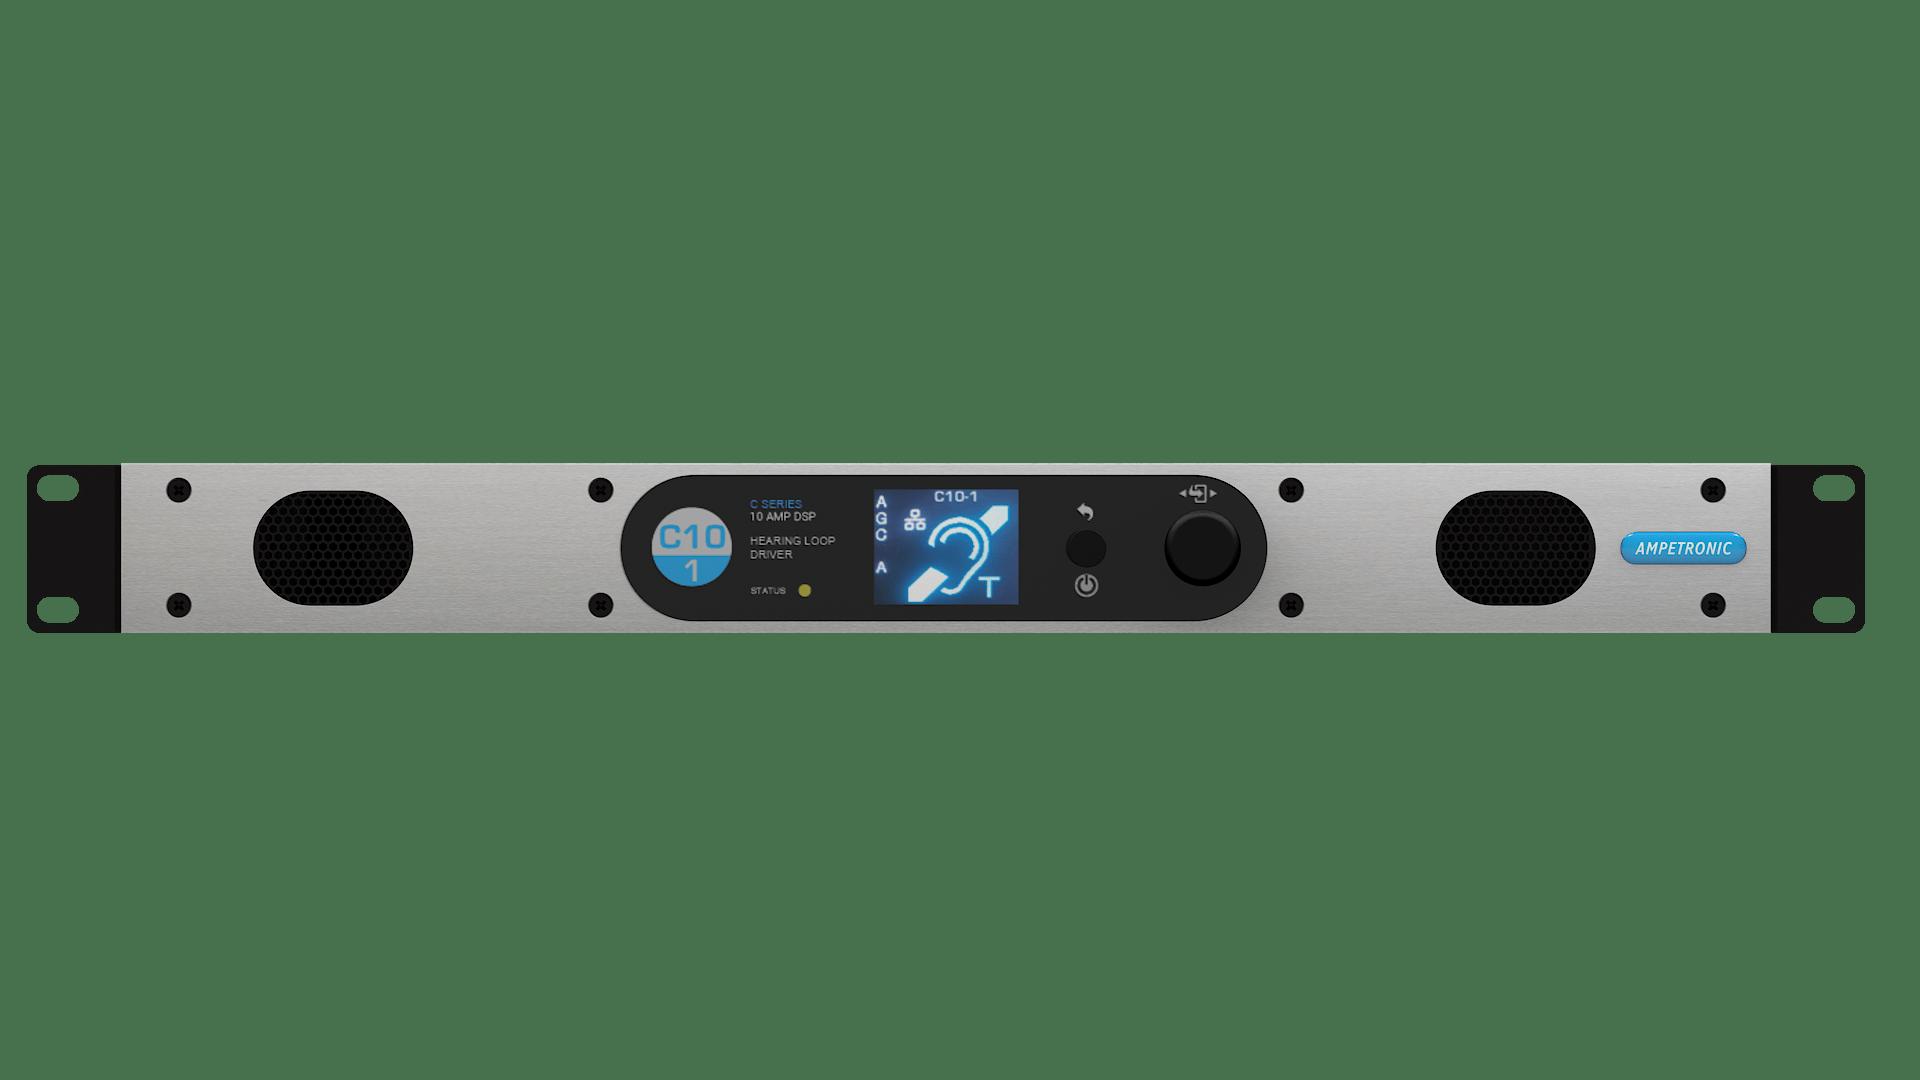 C10-1 Perimeter hearing loop driver